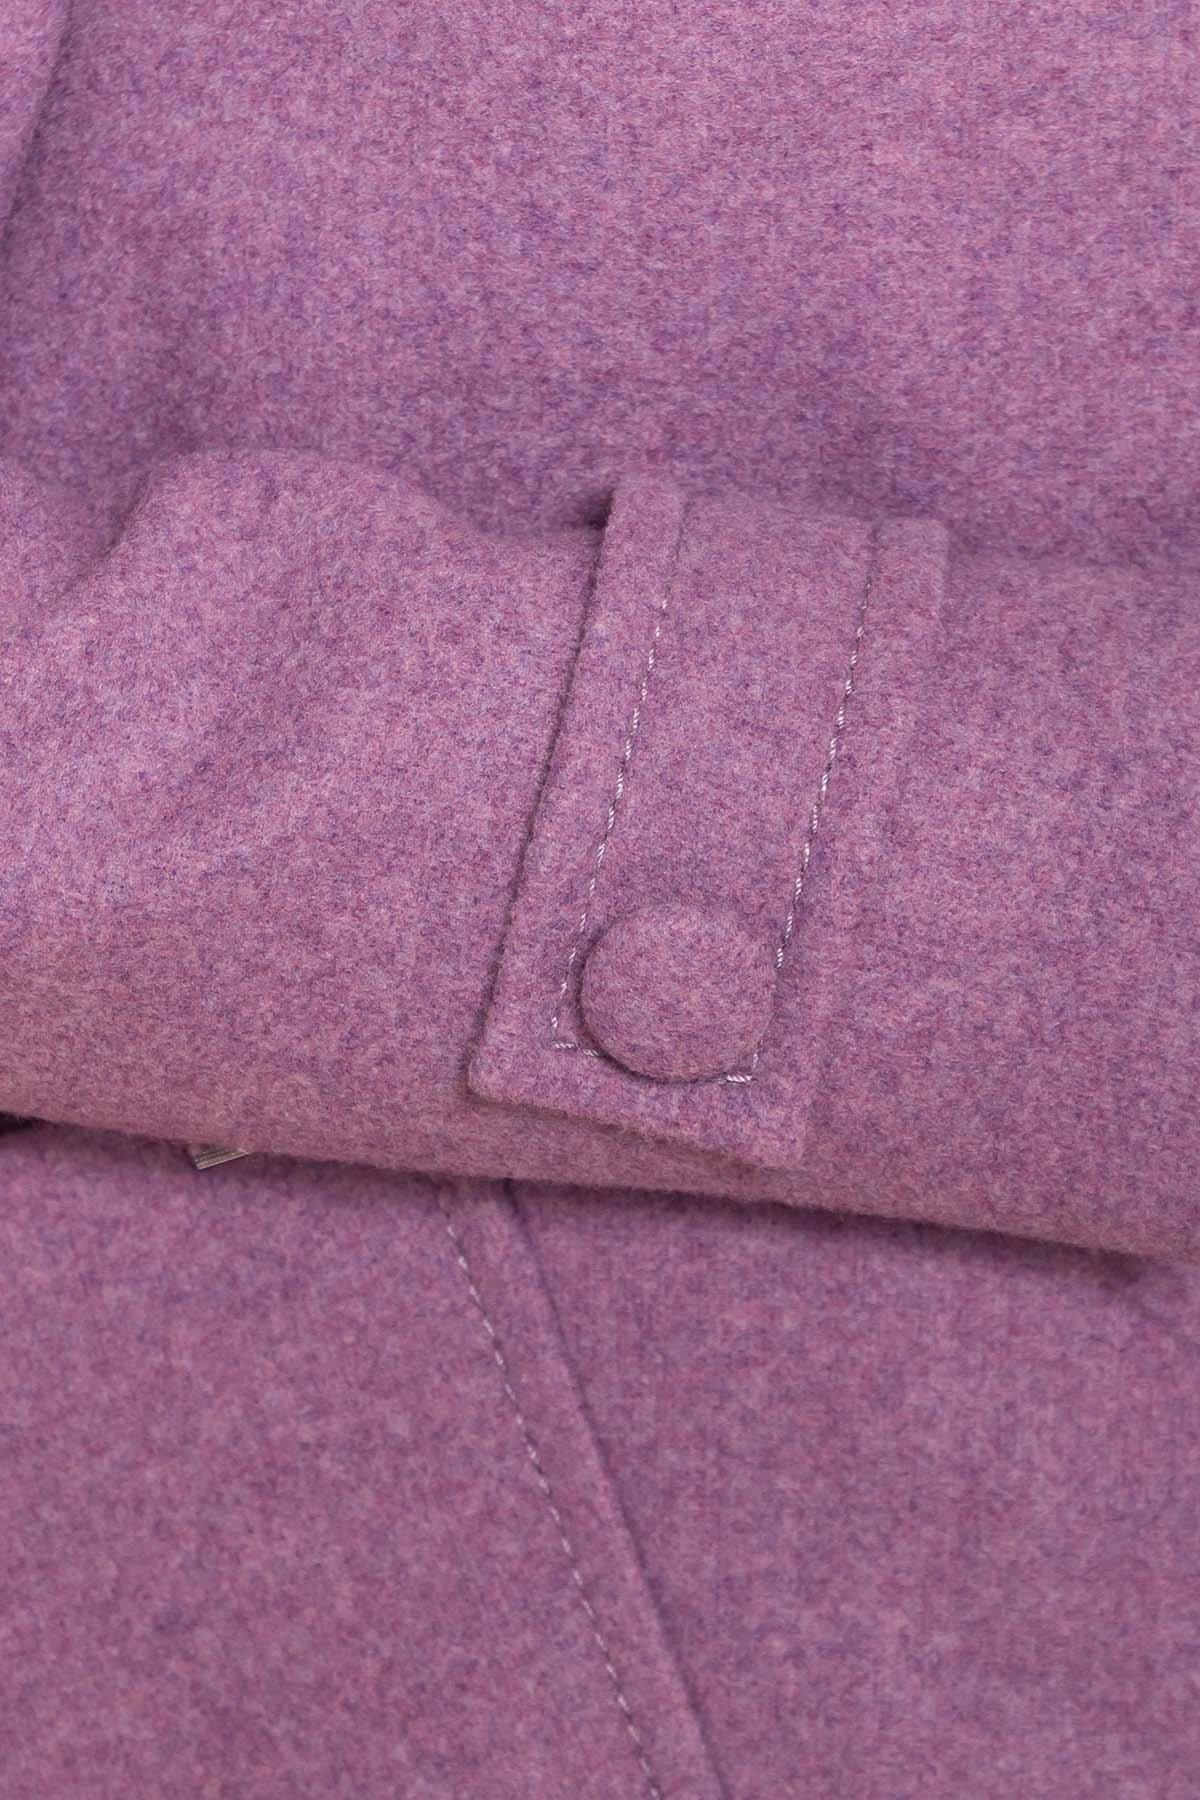 Пальто Латте 5636 АРТ. 41674 Цвет: Сирень 42 - фото 5, интернет магазин tm-modus.ru